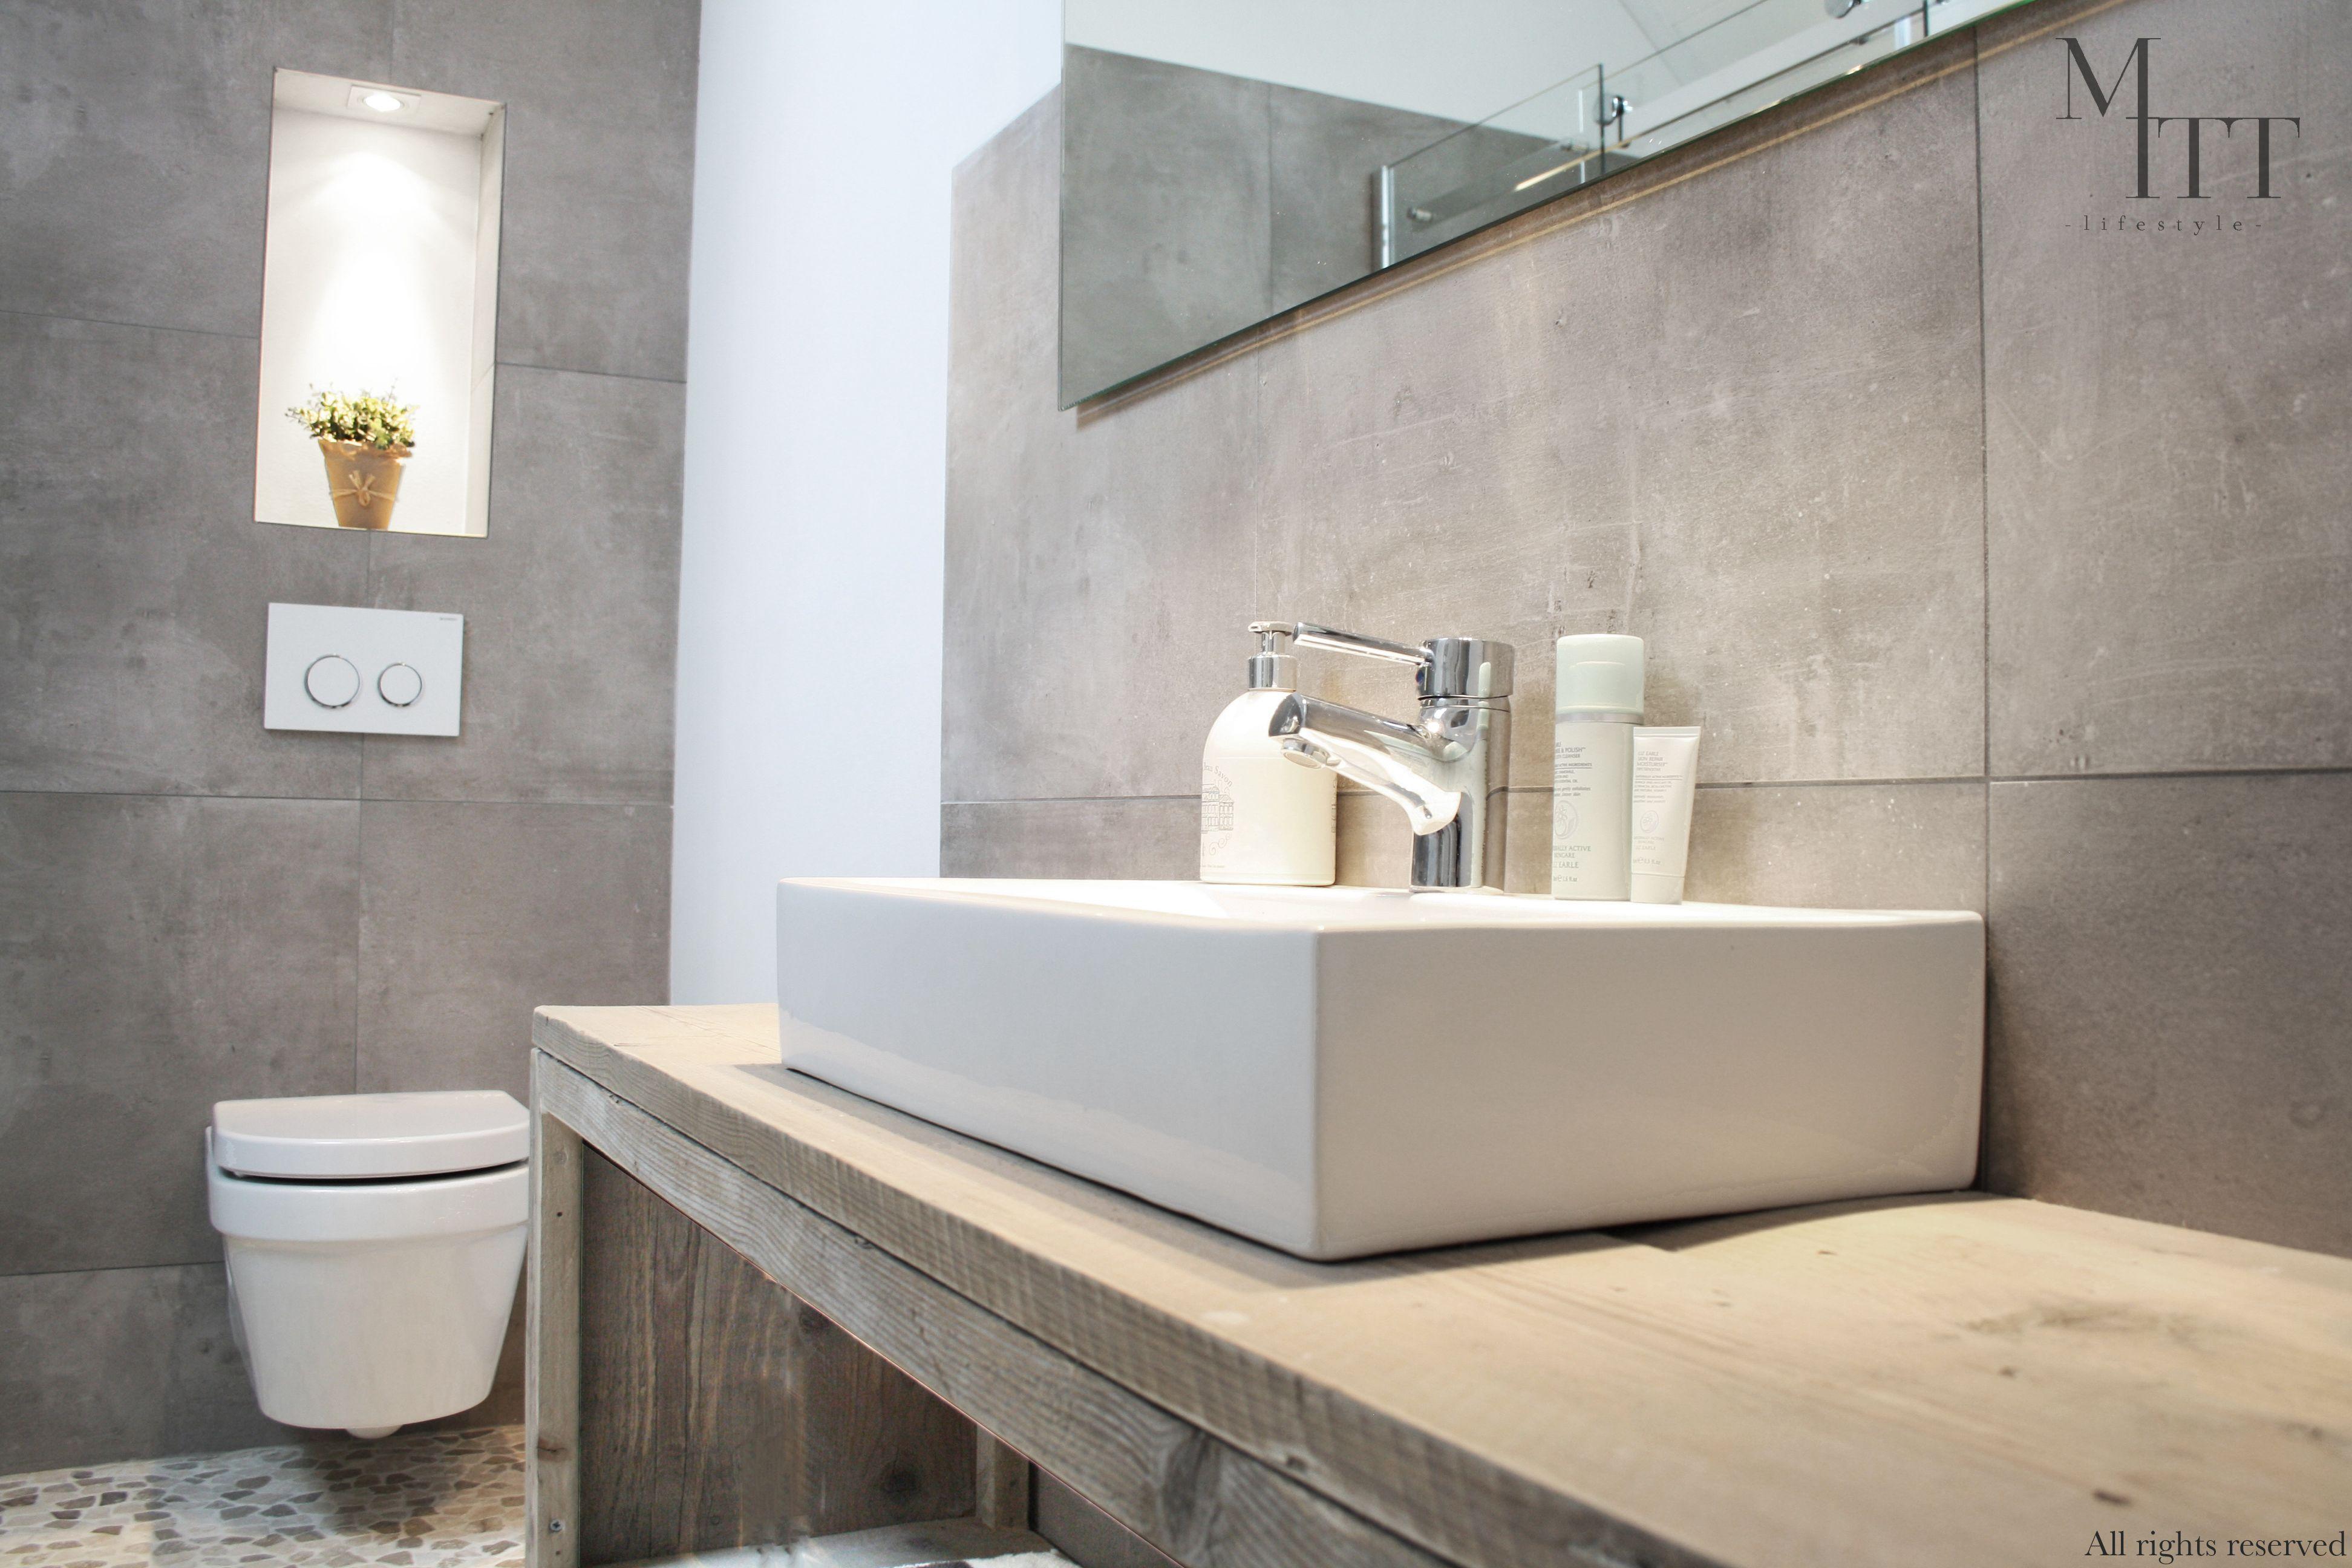 Geheel badkamer ontwerp door www.mittlifestyle.com \